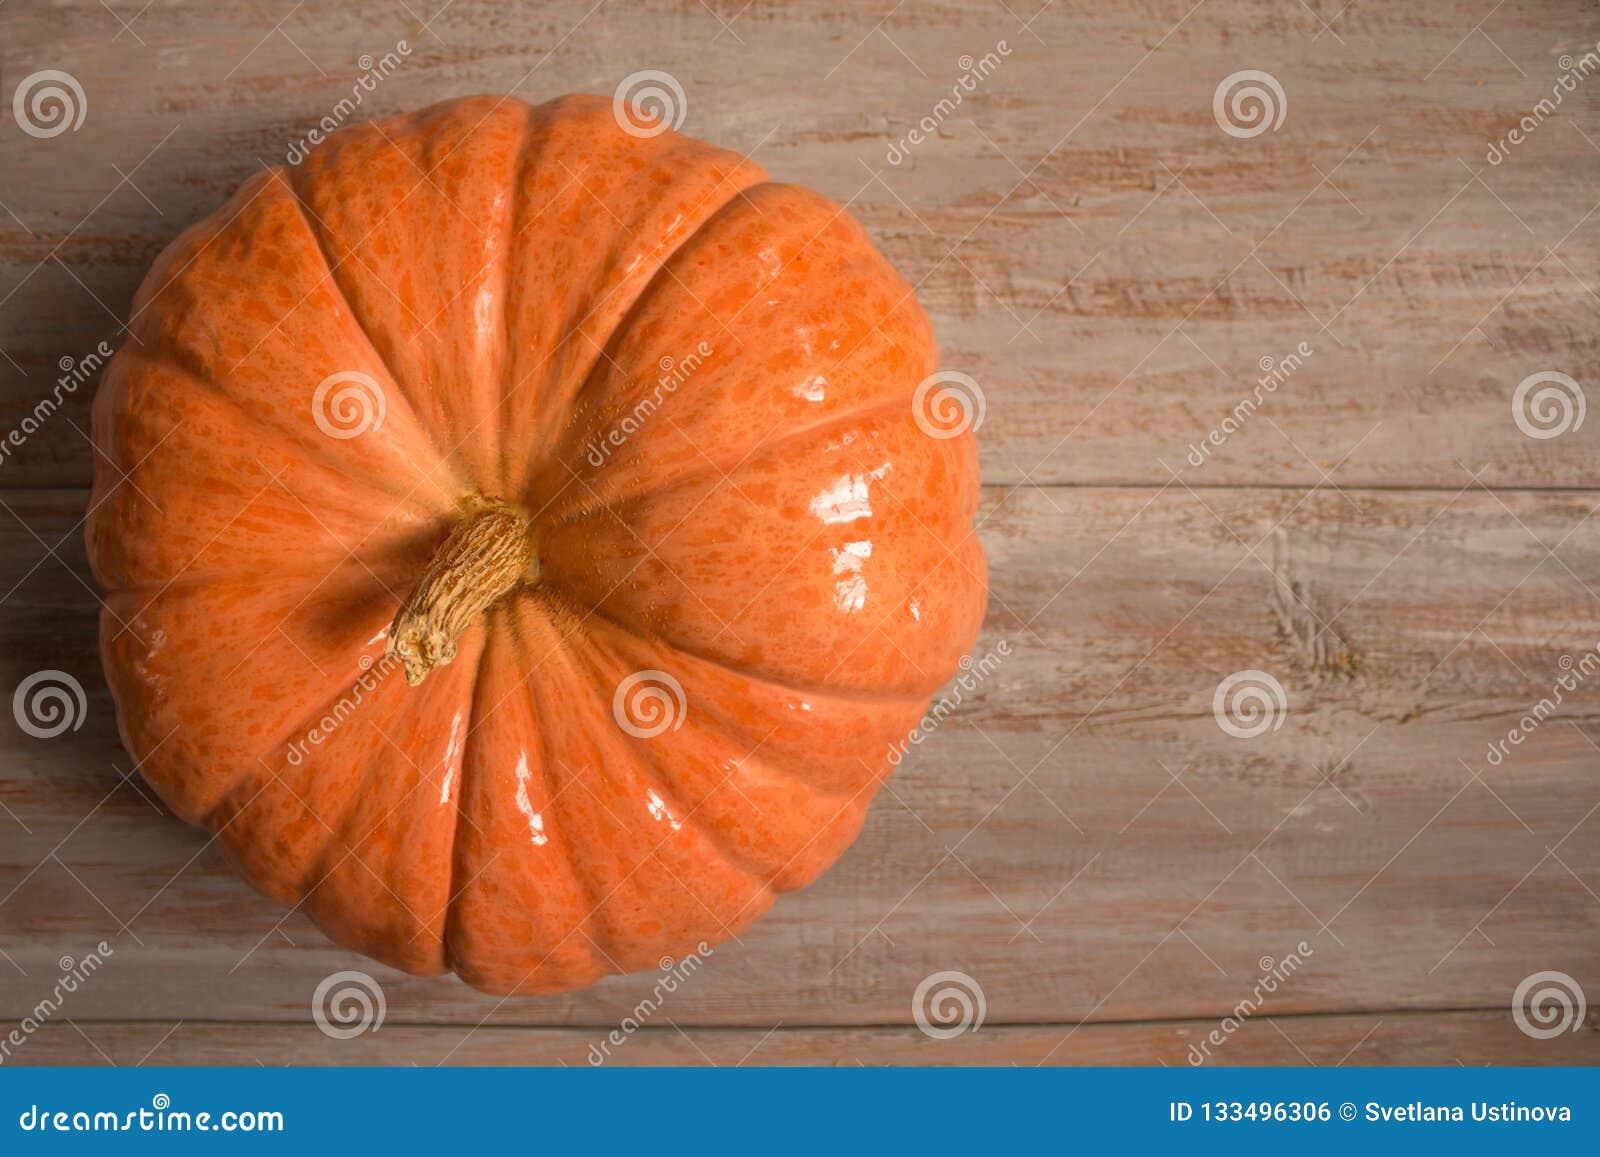 Μεγάλη πορτοκαλιά κολοκύθα στους ξύλινους πίνακες